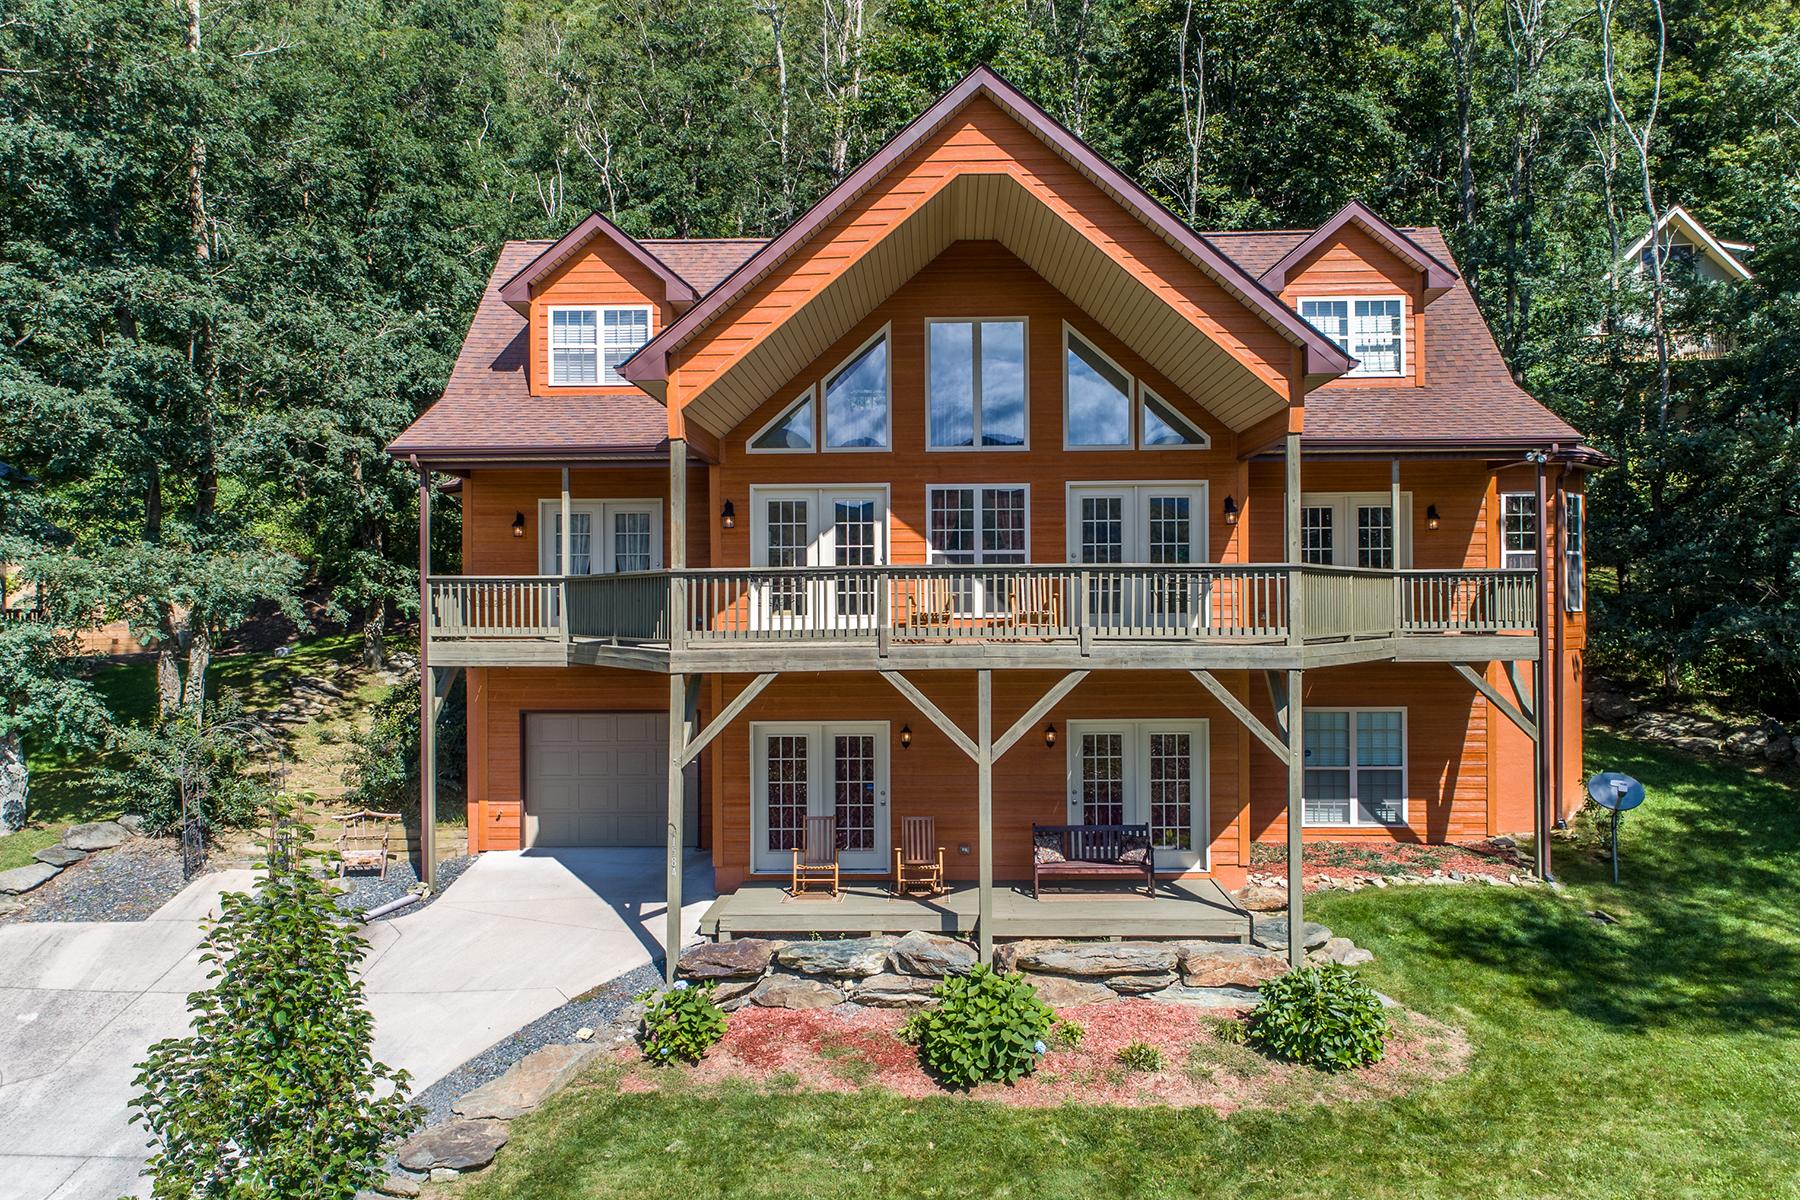 Single Family Home for Sale at SEVEN DEVILS 1584 Skyland Dr, Seven Devils, North Carolina 28604 United States